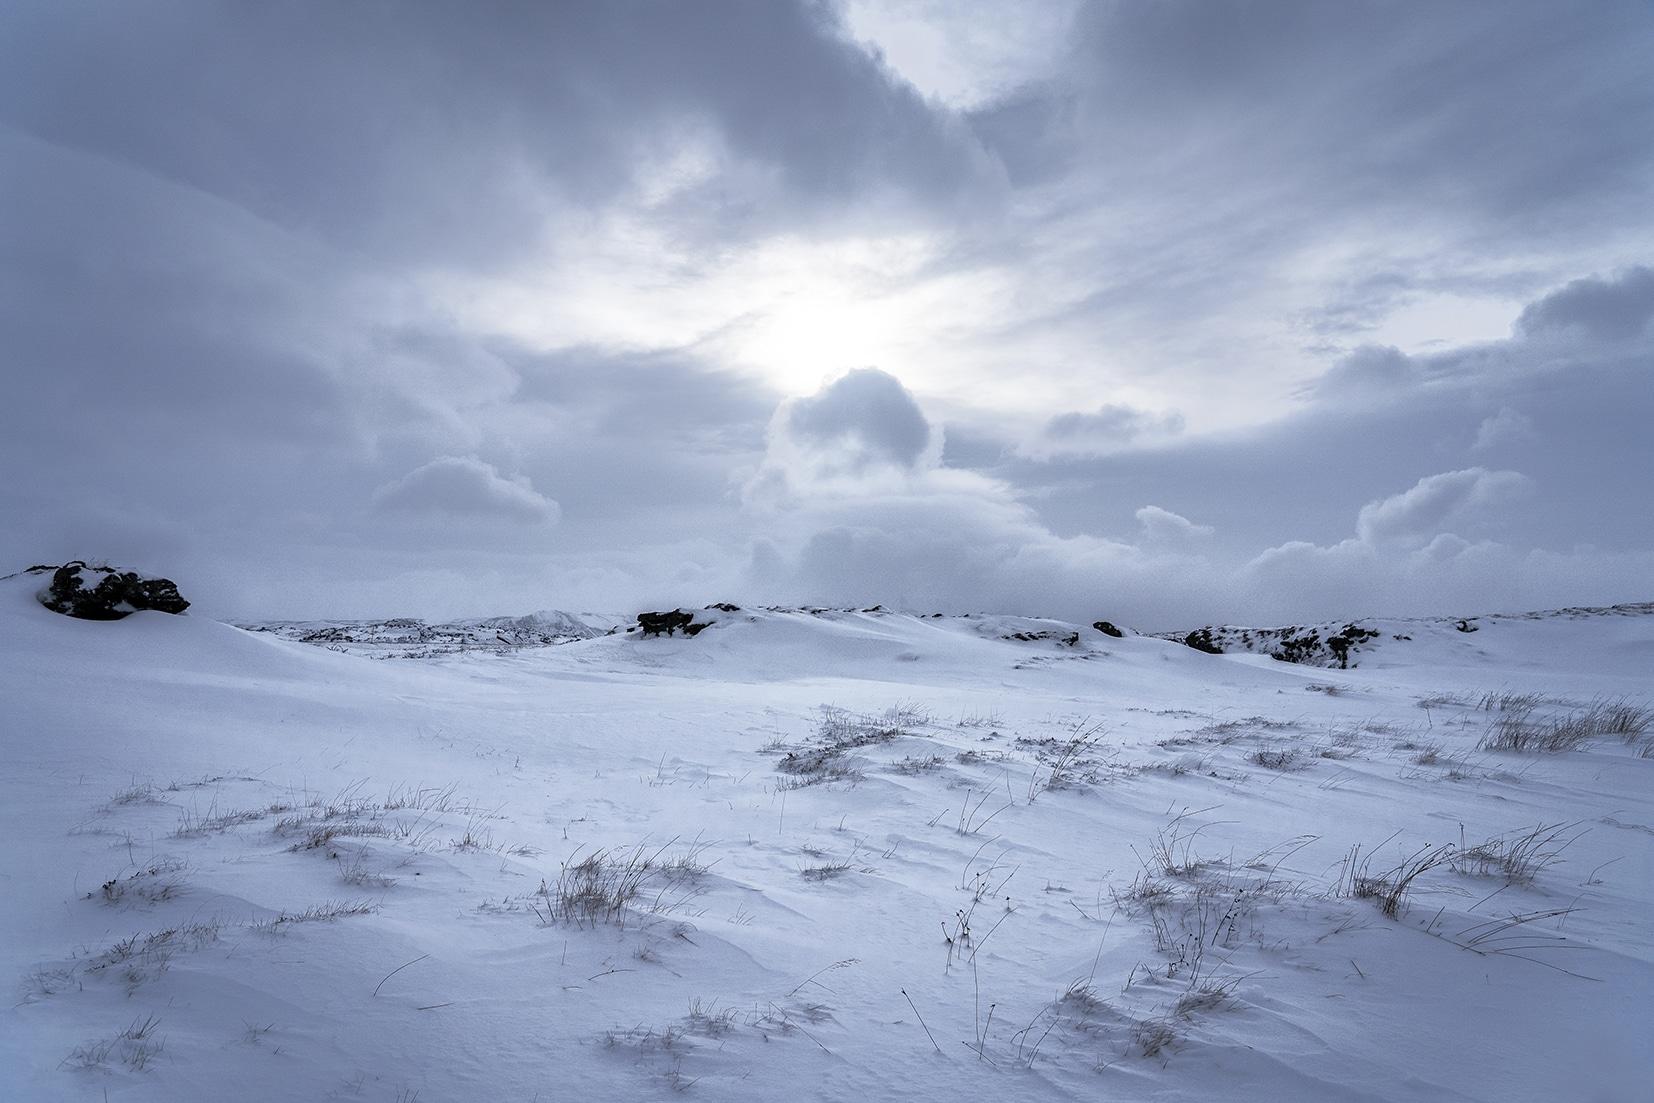 Mývatn lac neige nuage noirs rayon de soleil Islande en hiver